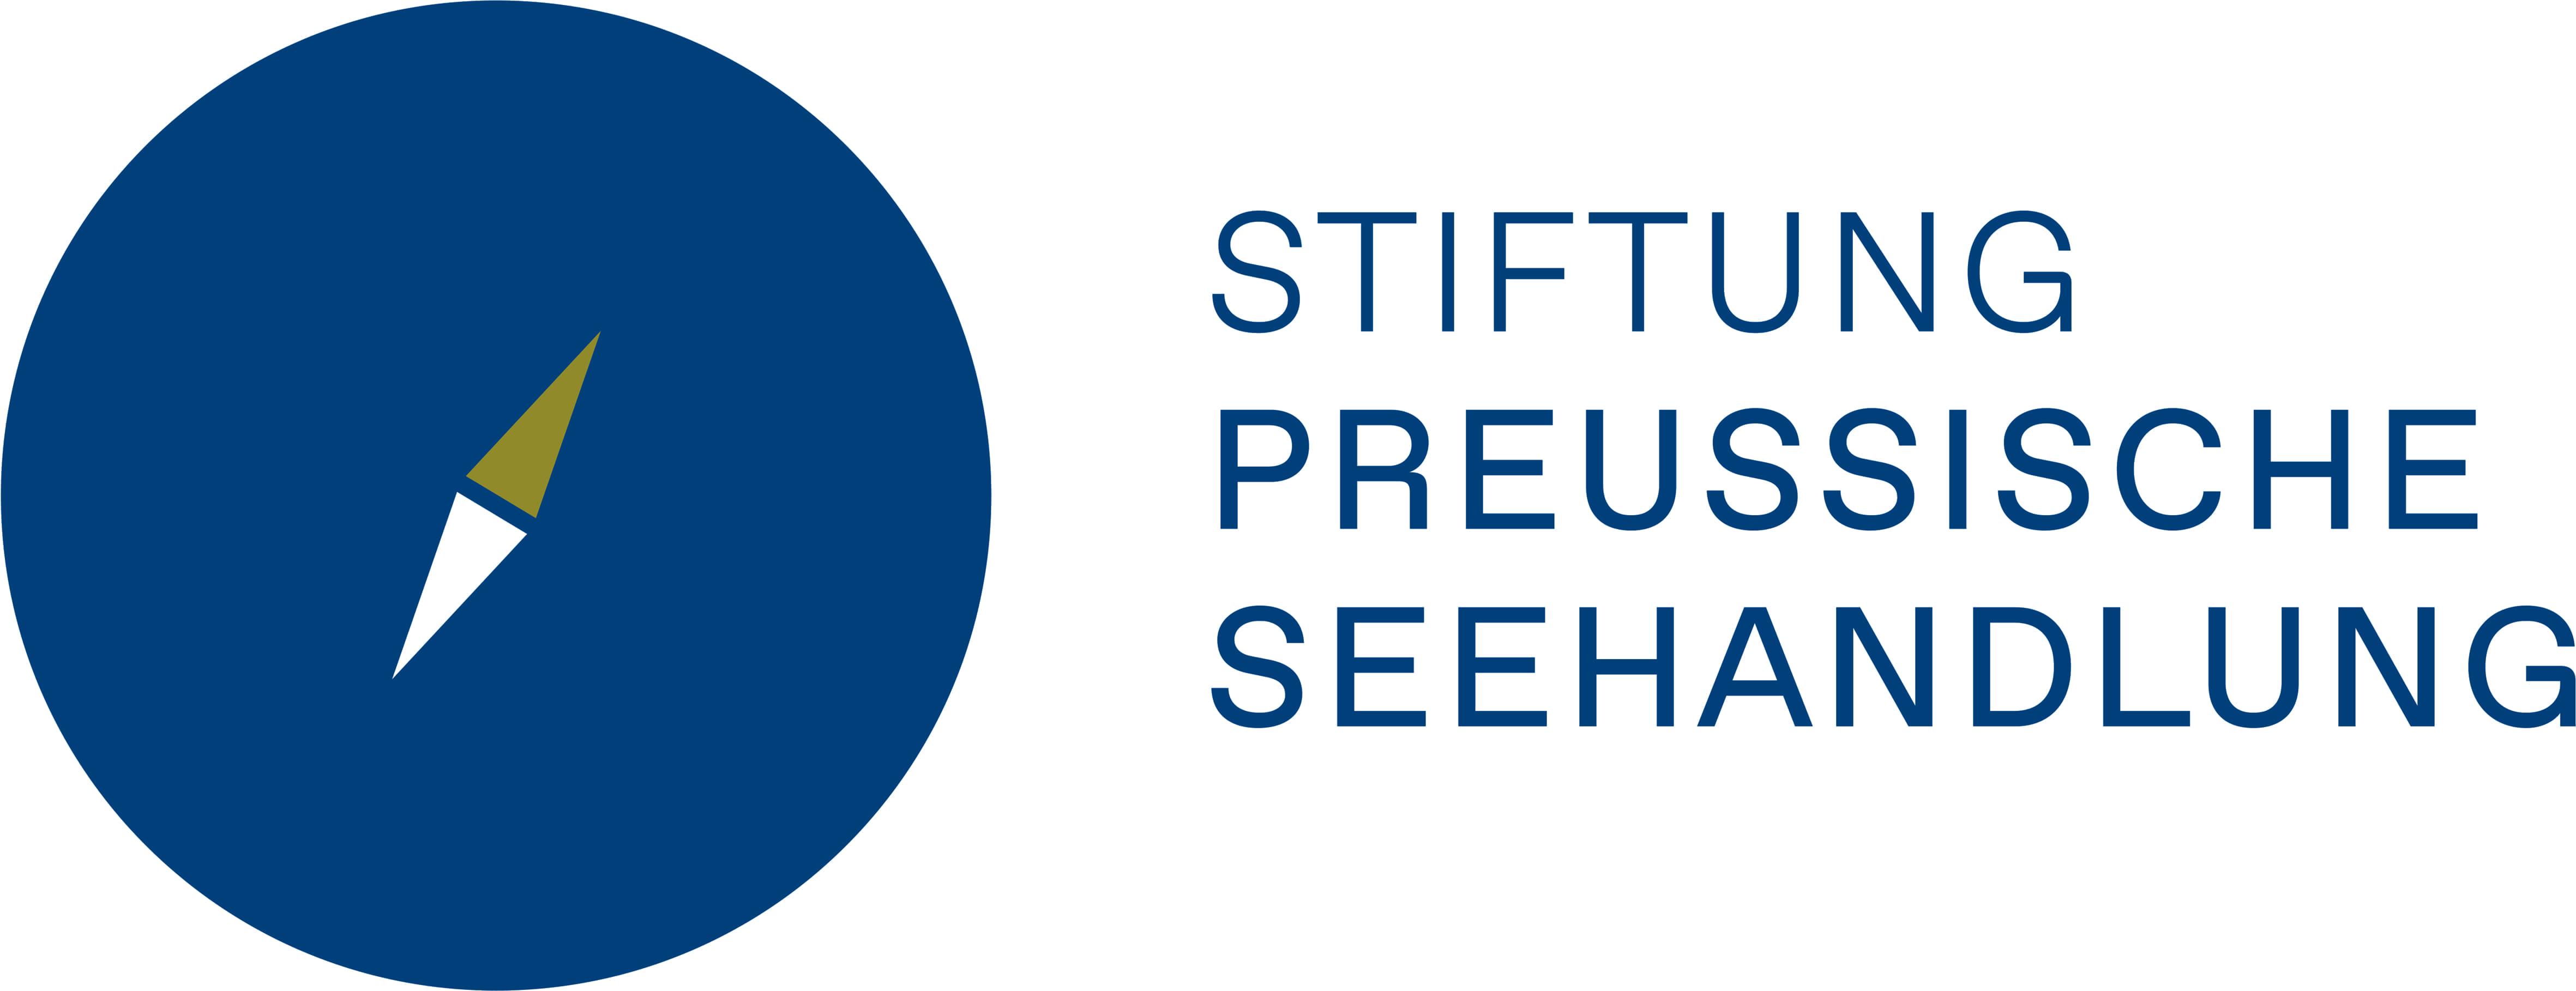 Logo Stiftung Preussische Seehandlung